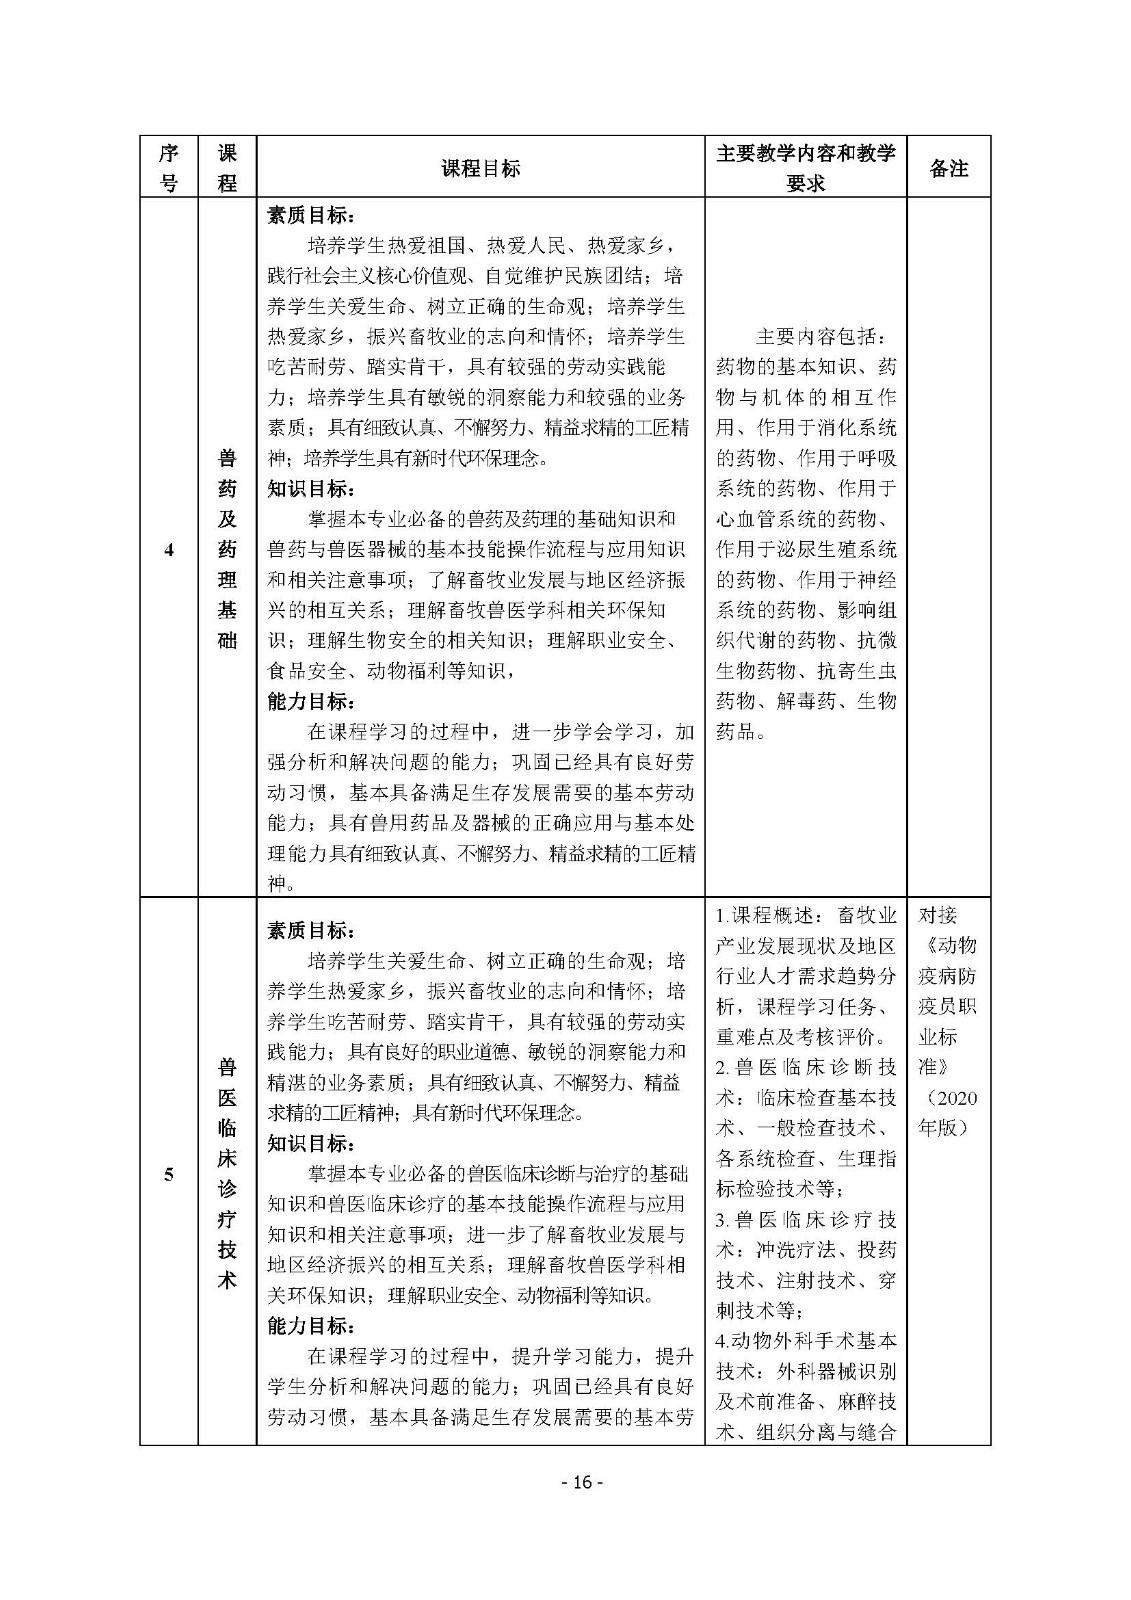 畜牧兽医专业人才培养方案_页面_18.jpg